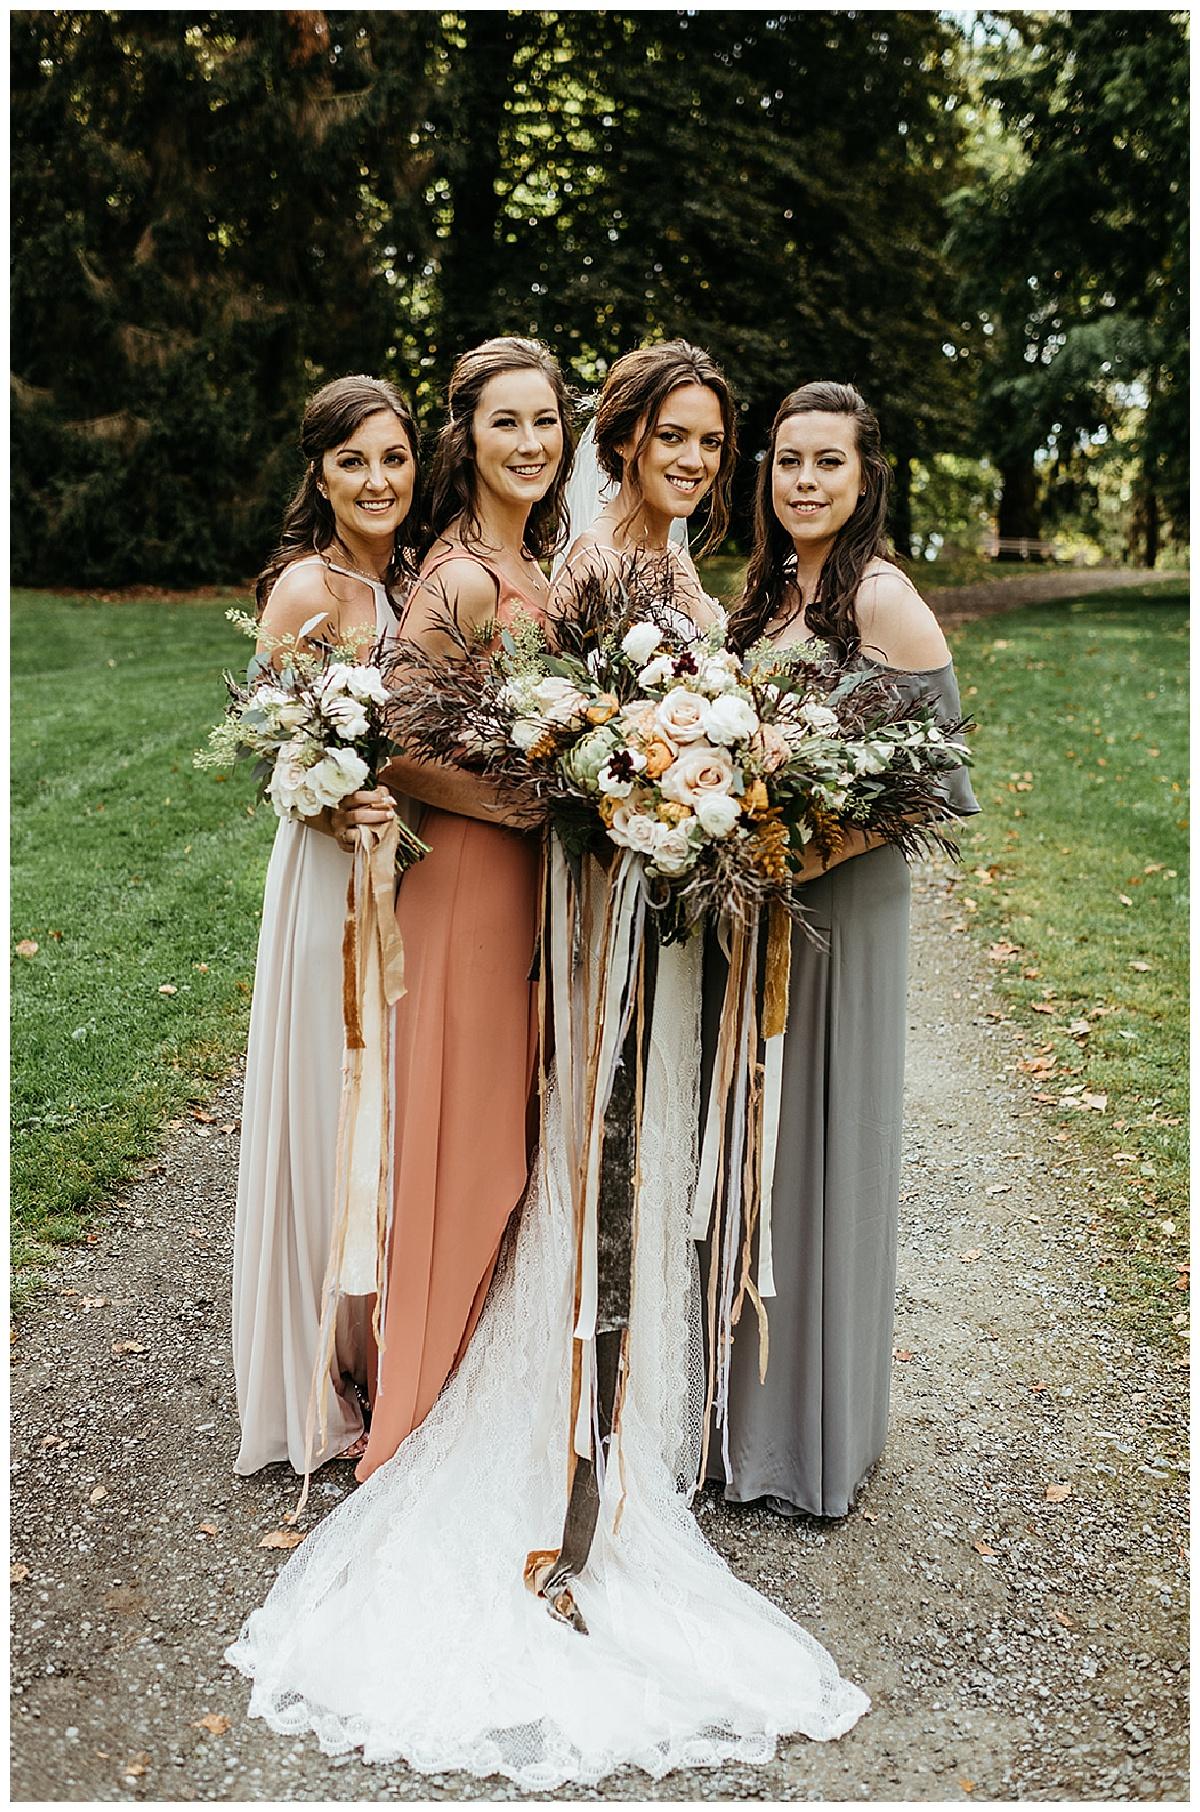 Bixby+Pine-Seattle-Wedding-Planners-Laurken-Kendall-Within-Sodo_0026.jpg